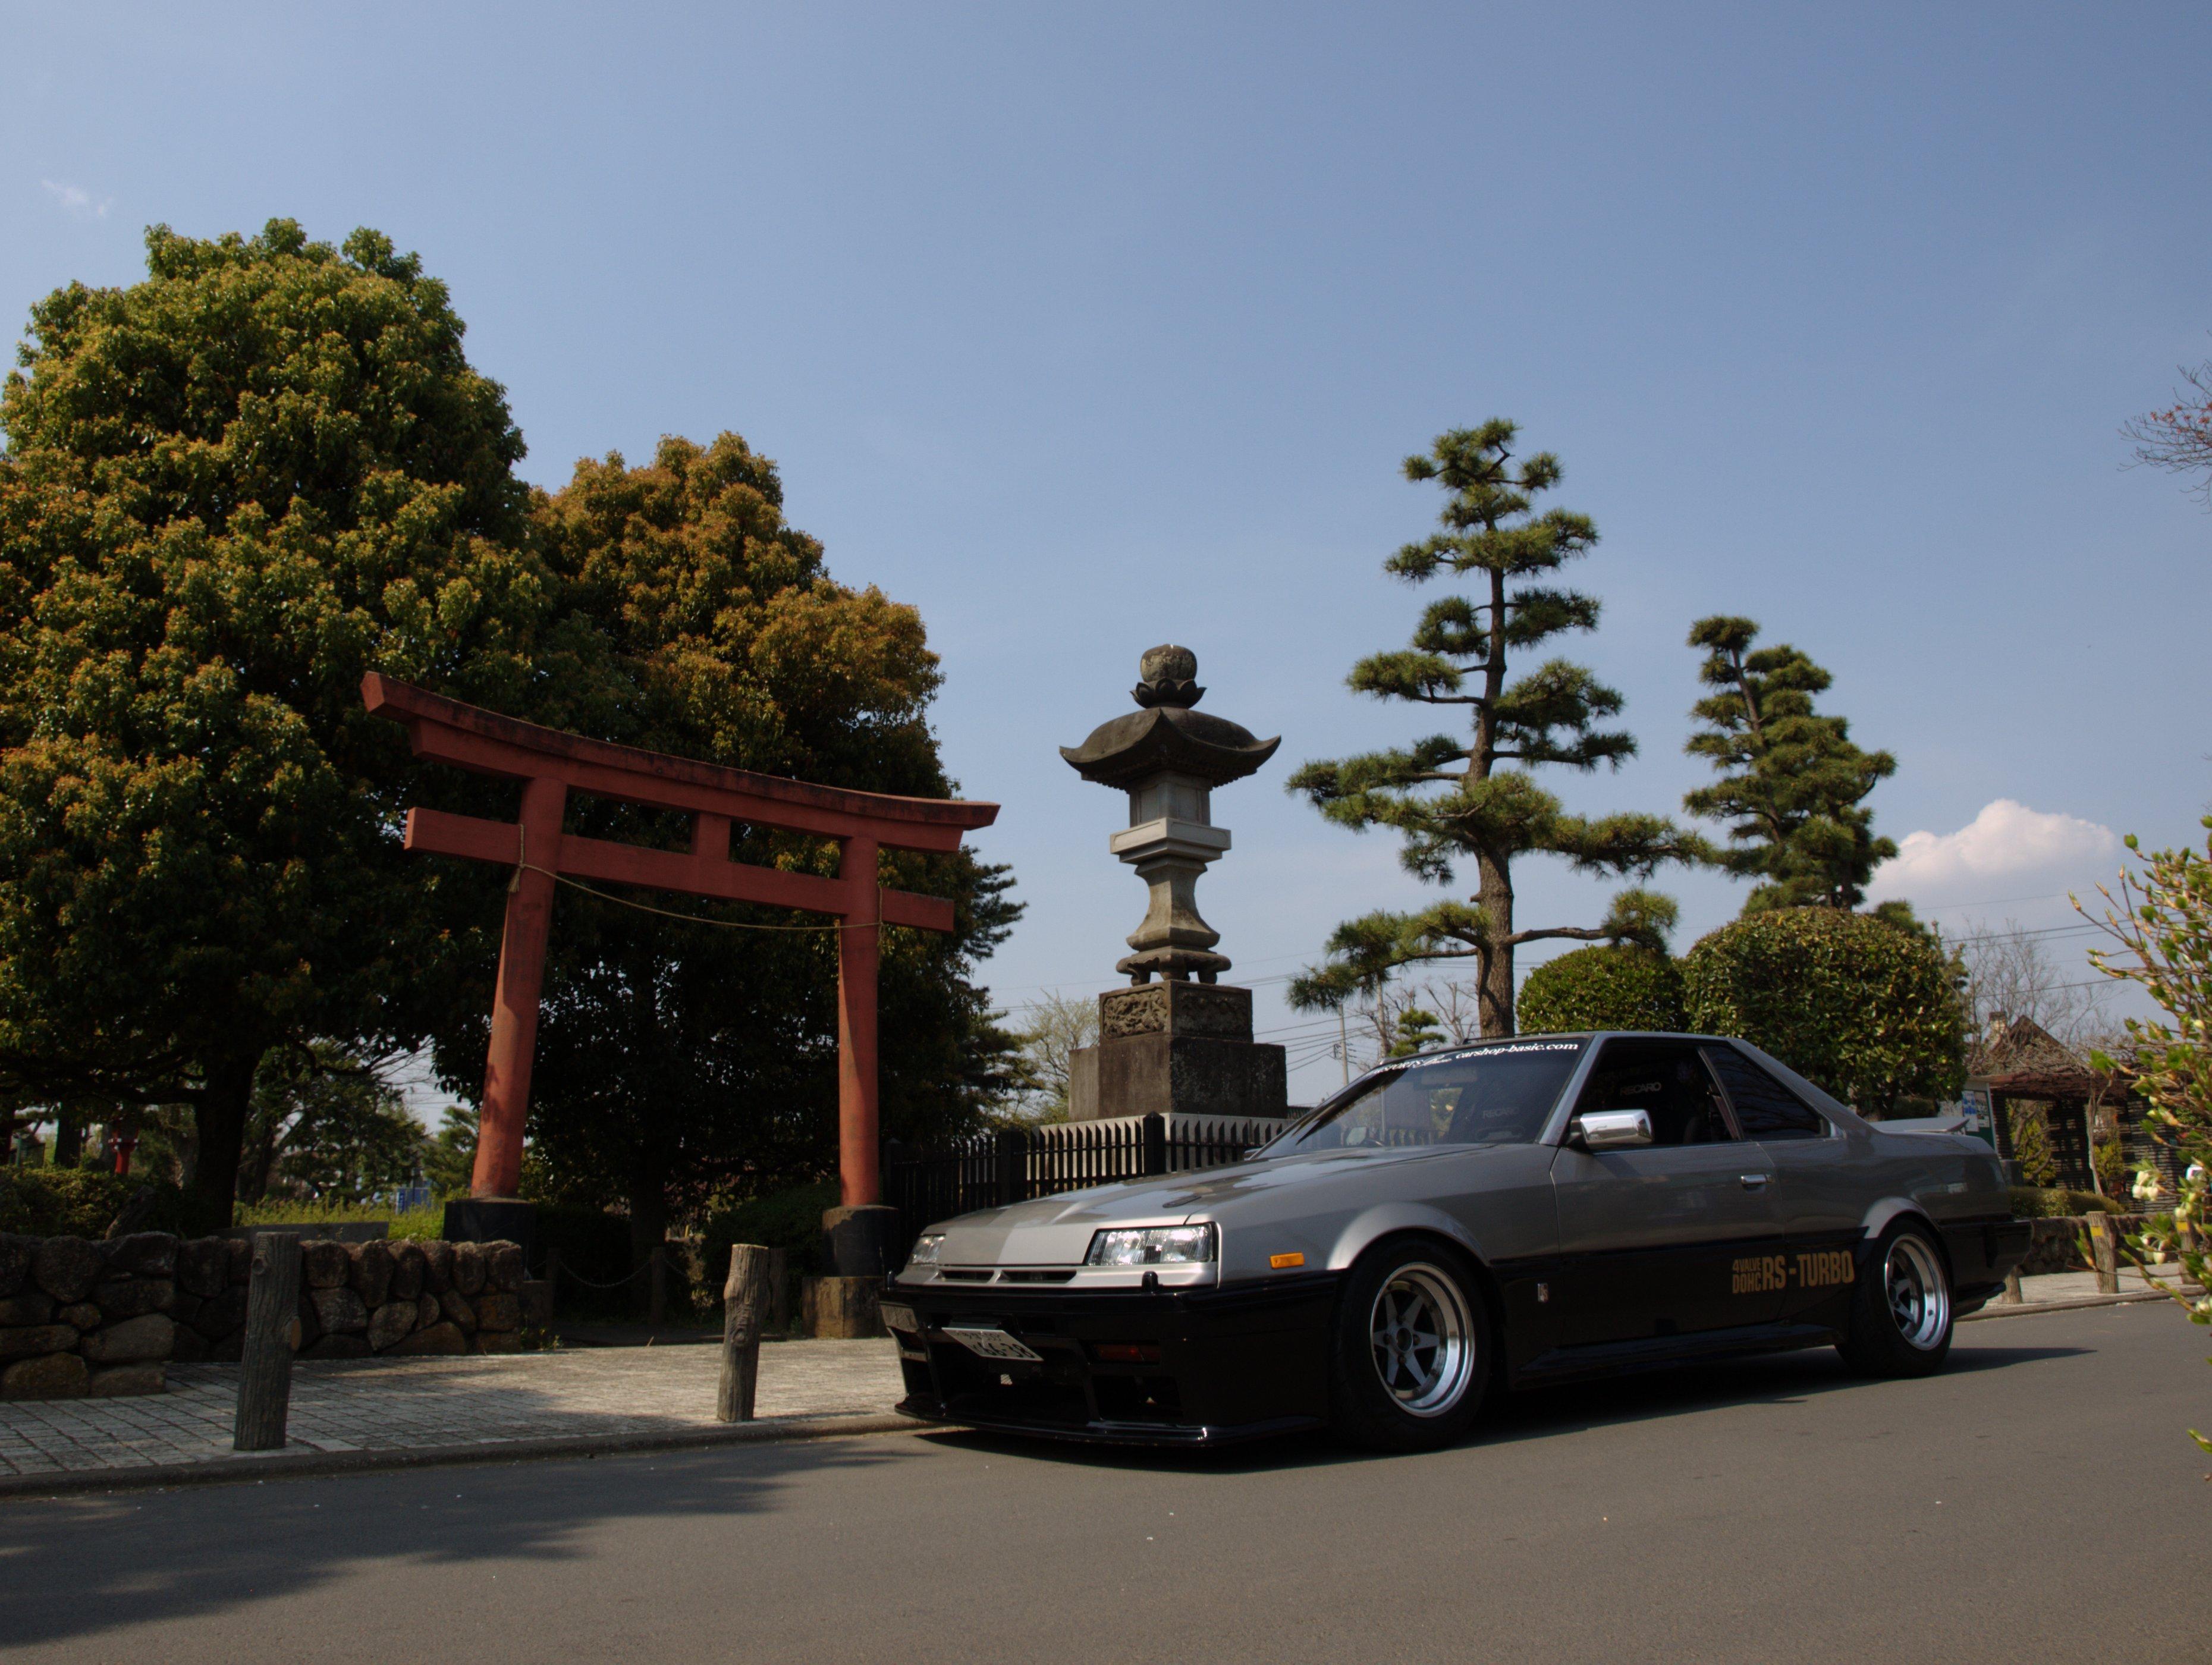 красивые машины в японии фото резюме для работы